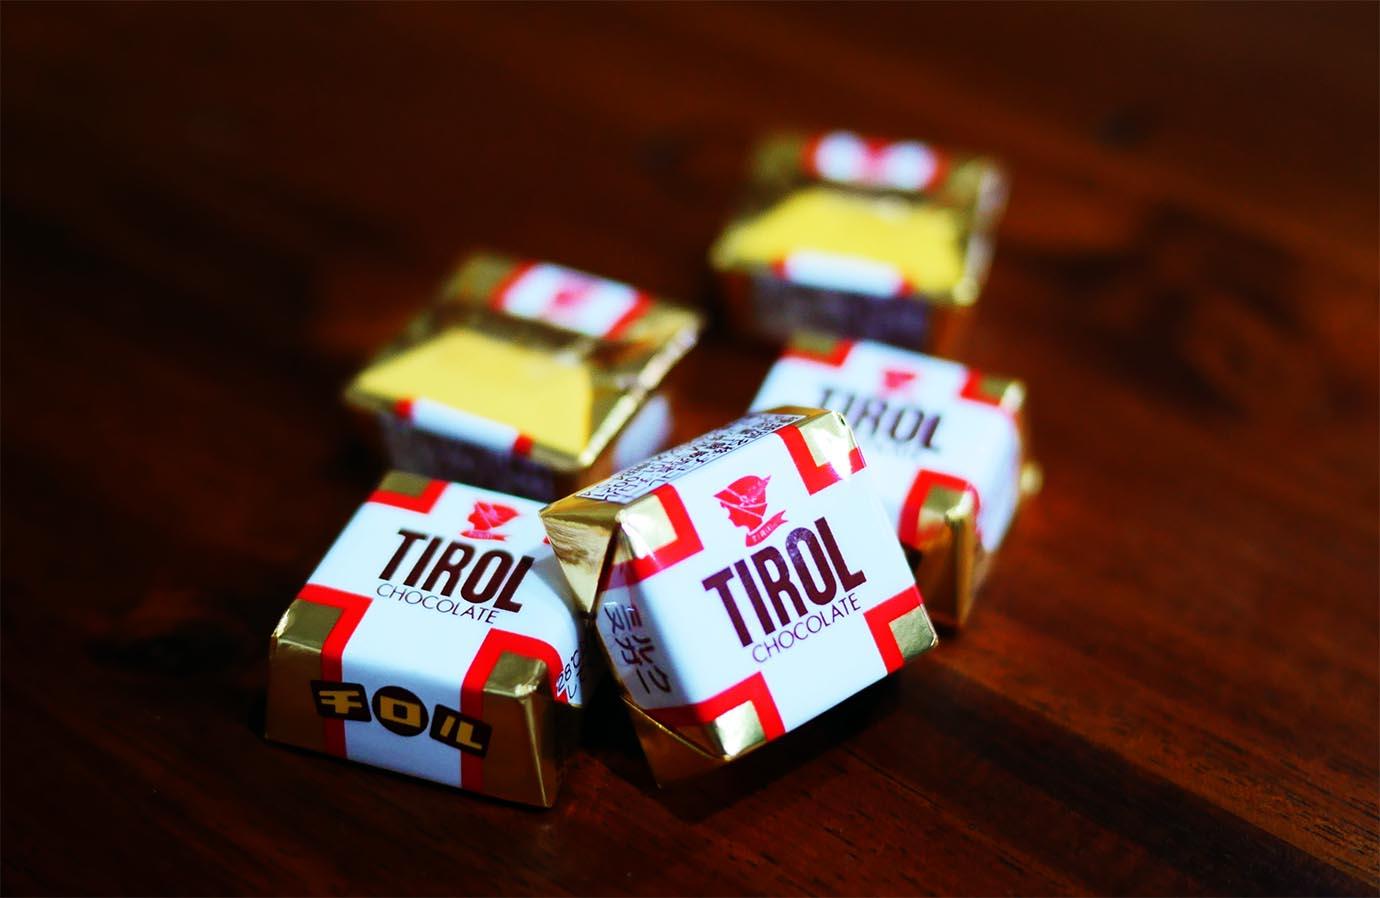 tirol2